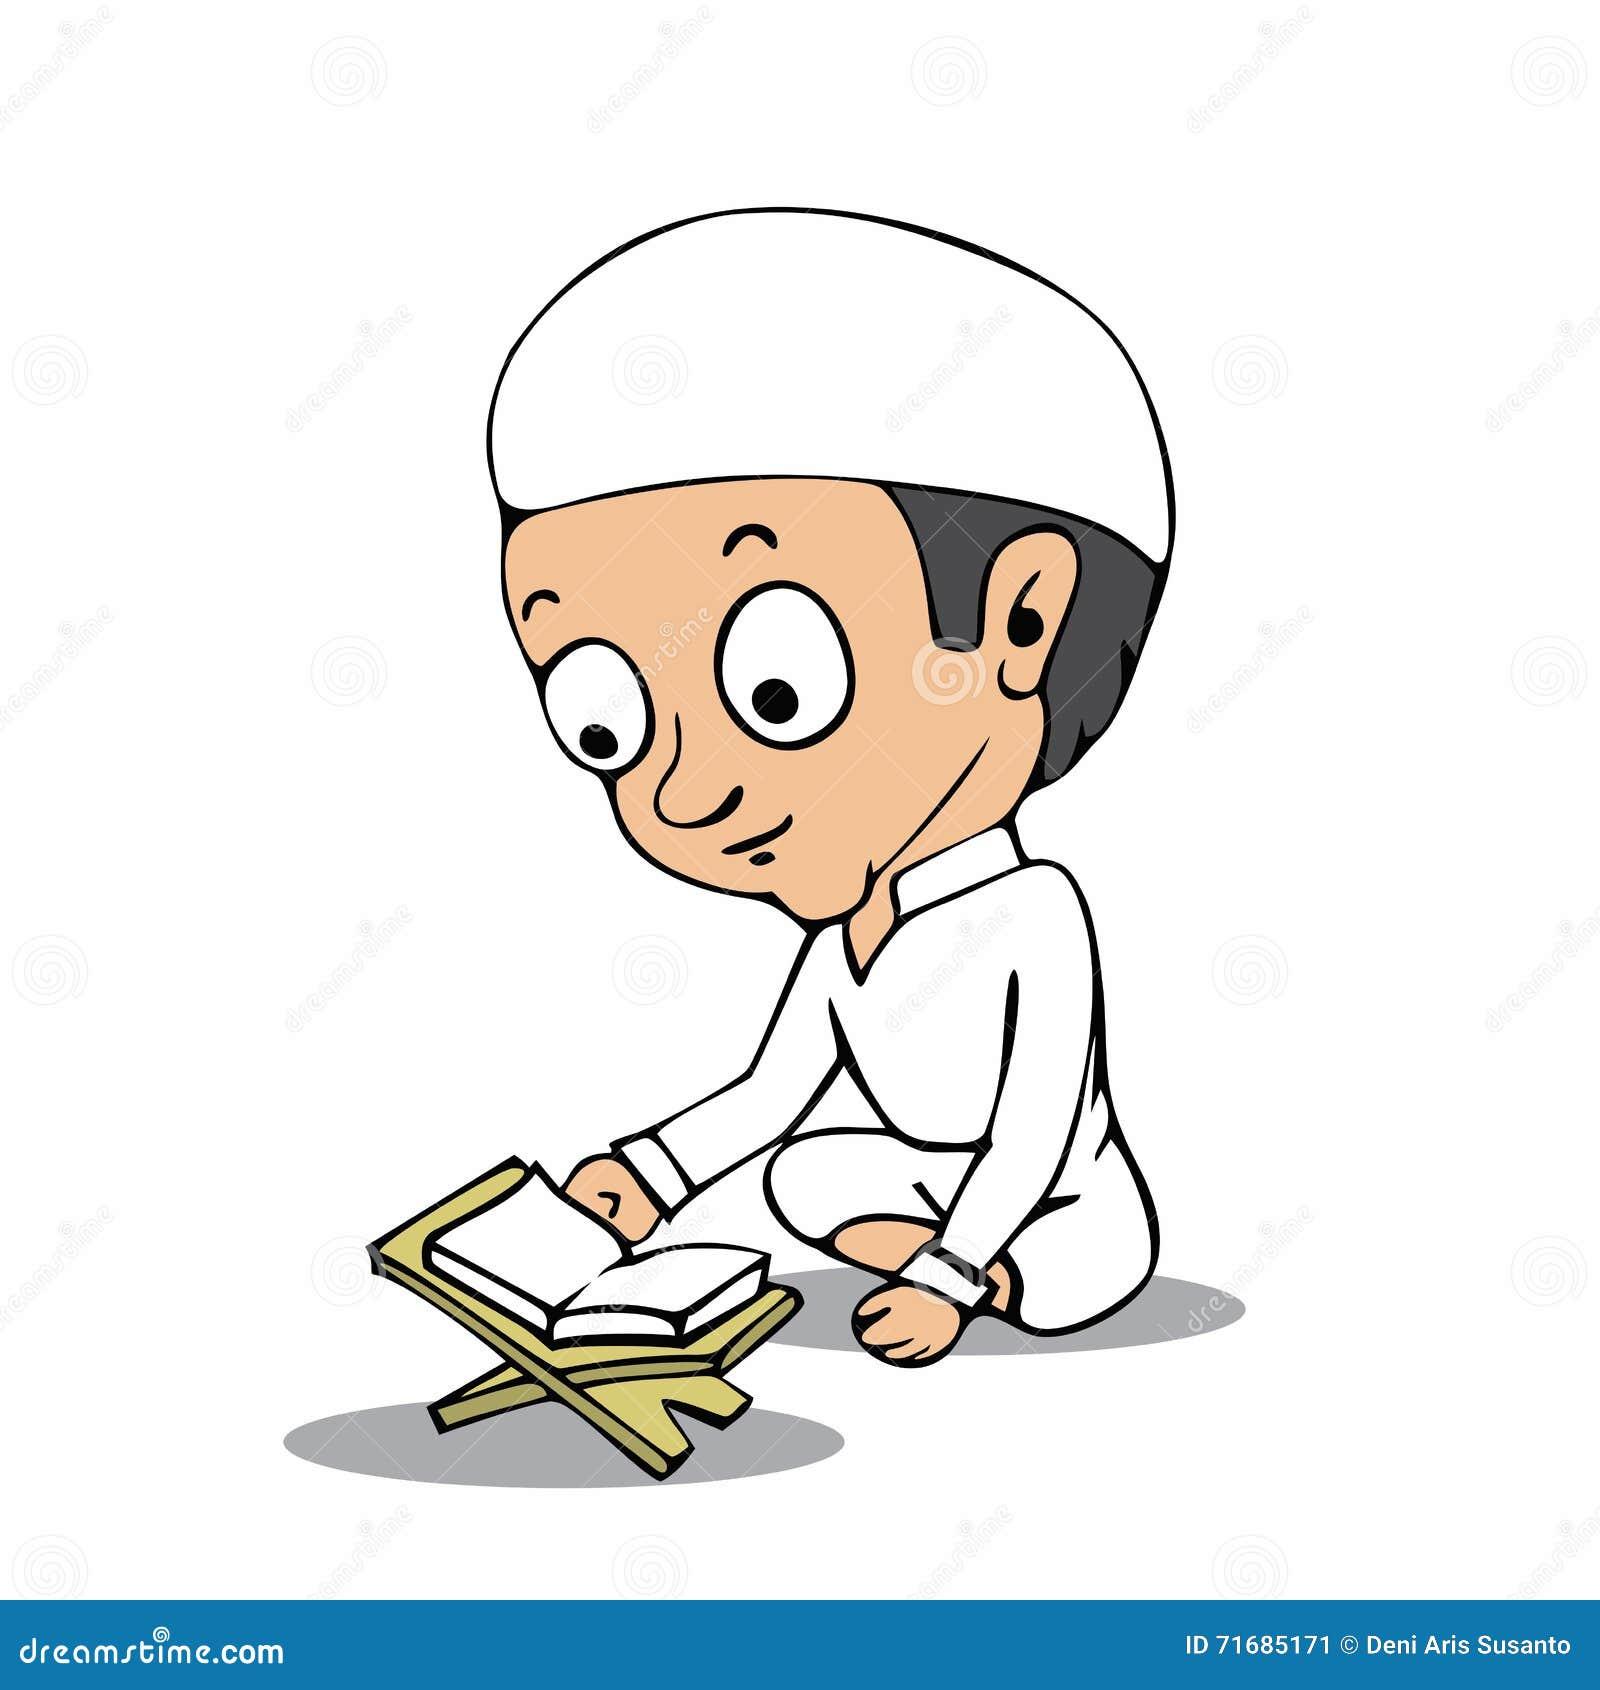 Muslim Boy Read Koran Cartoon Stock Vector - Illustration of